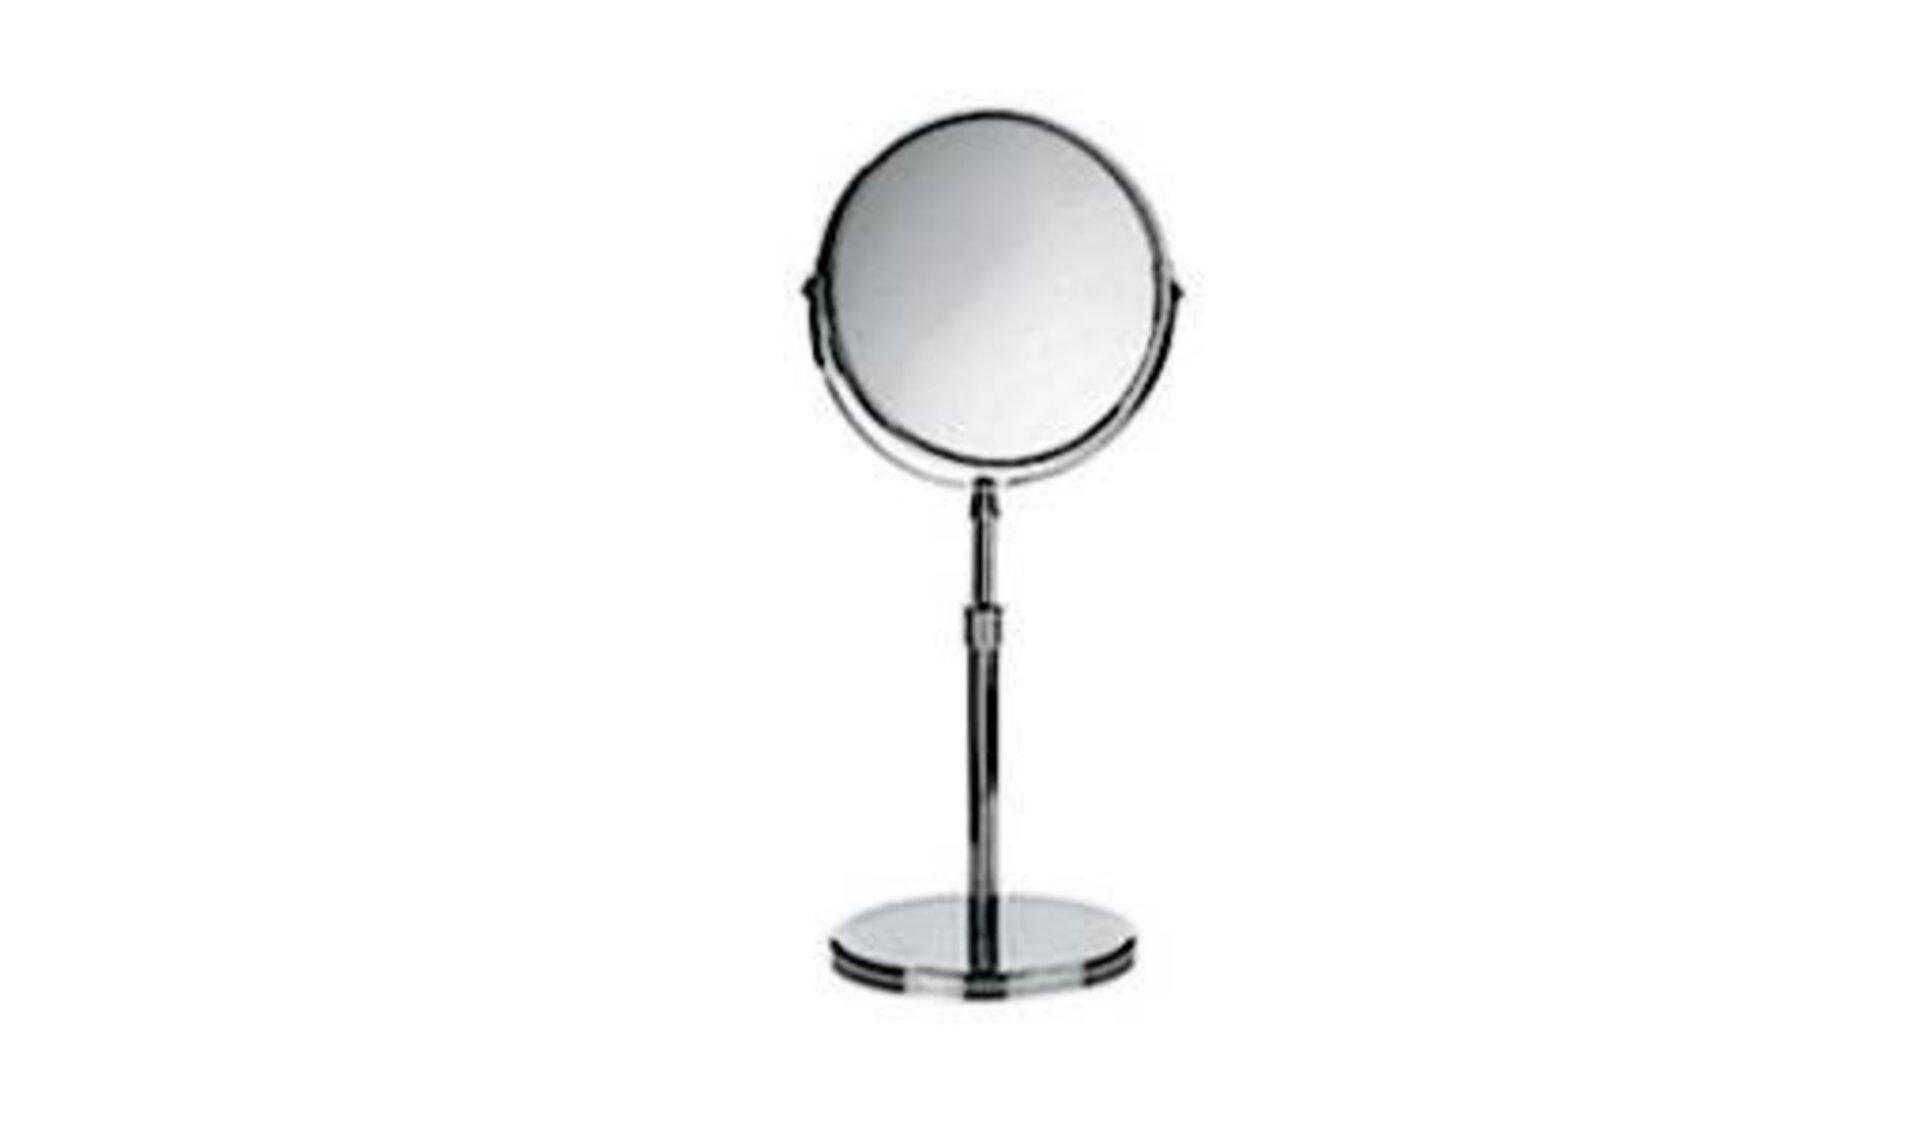 Runder Kosmetikspiegel mit höhenverstellbaren Fuß als Sinnbild für Spiegel